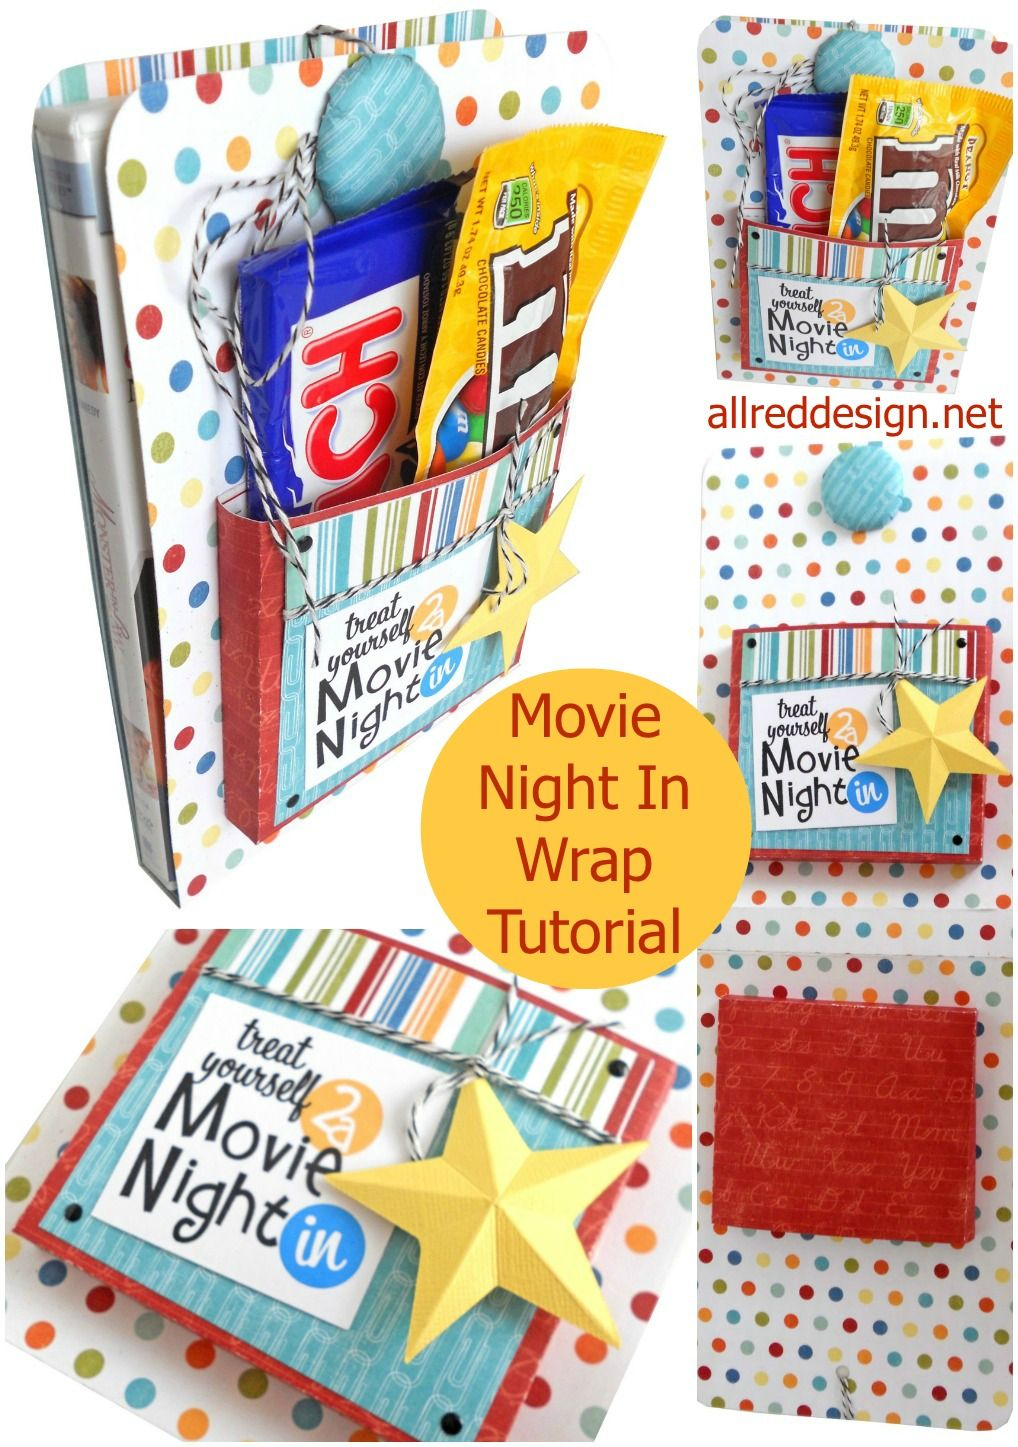 Weihnachtsgeschenke D.Creative Gift Wrap Idea Movie Night Dvd Wrap Tutorial By